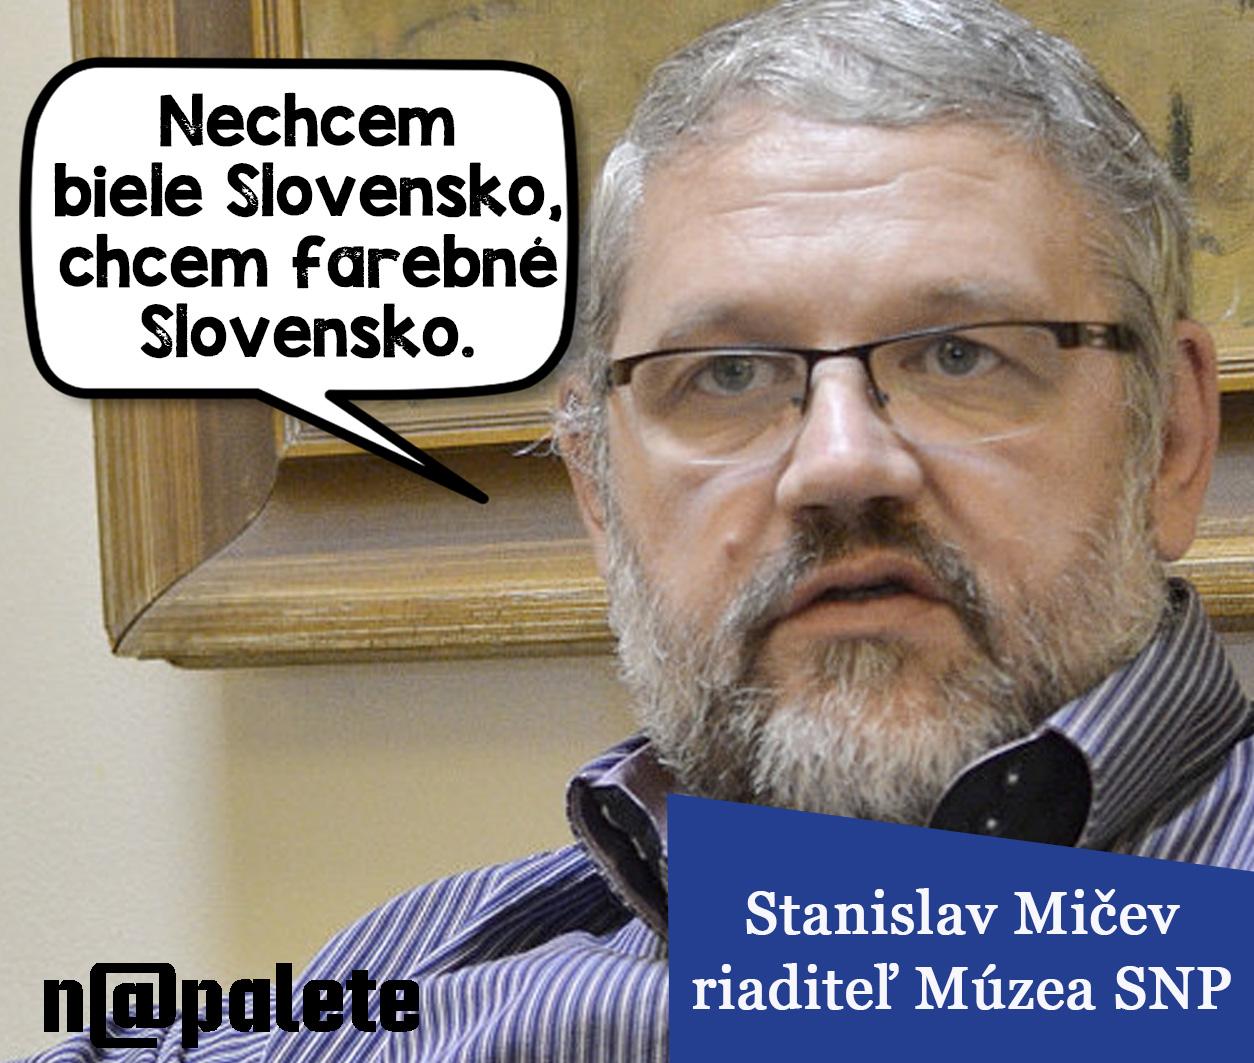 mičev_perla-3